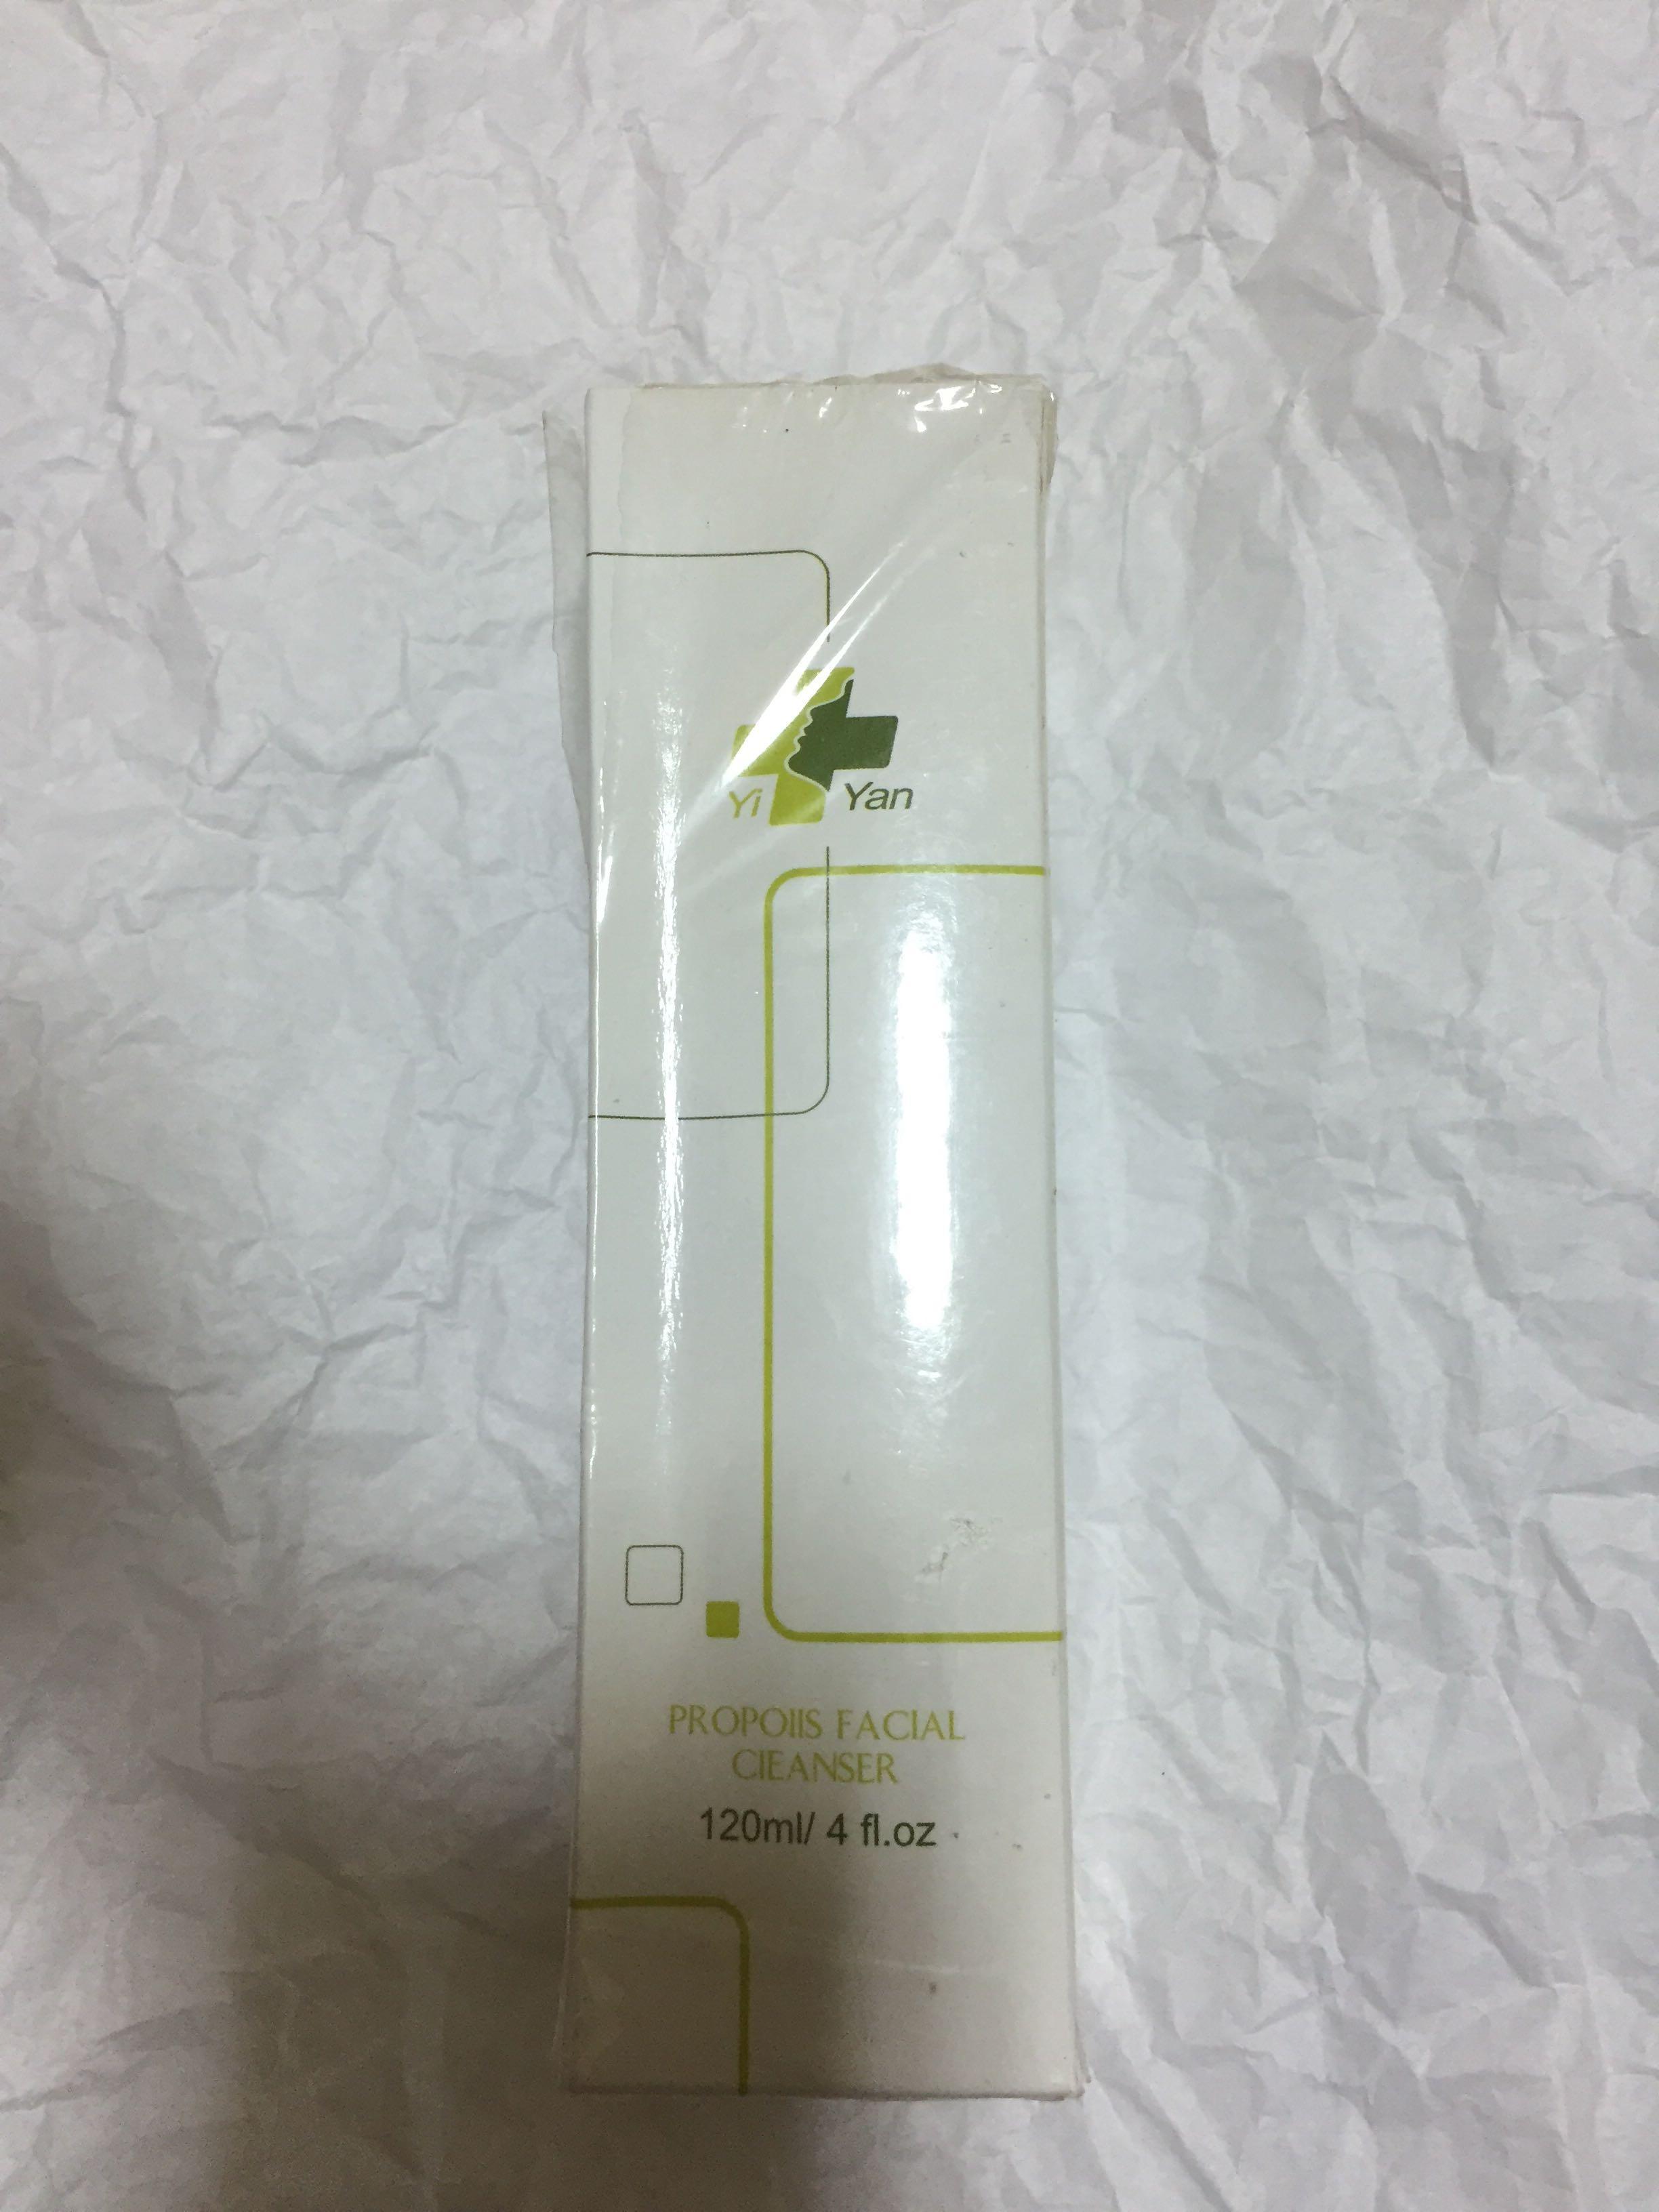 全新 醫妍生技 極致蜂膠淨妍露 清潔彩妝 保濕潤澤